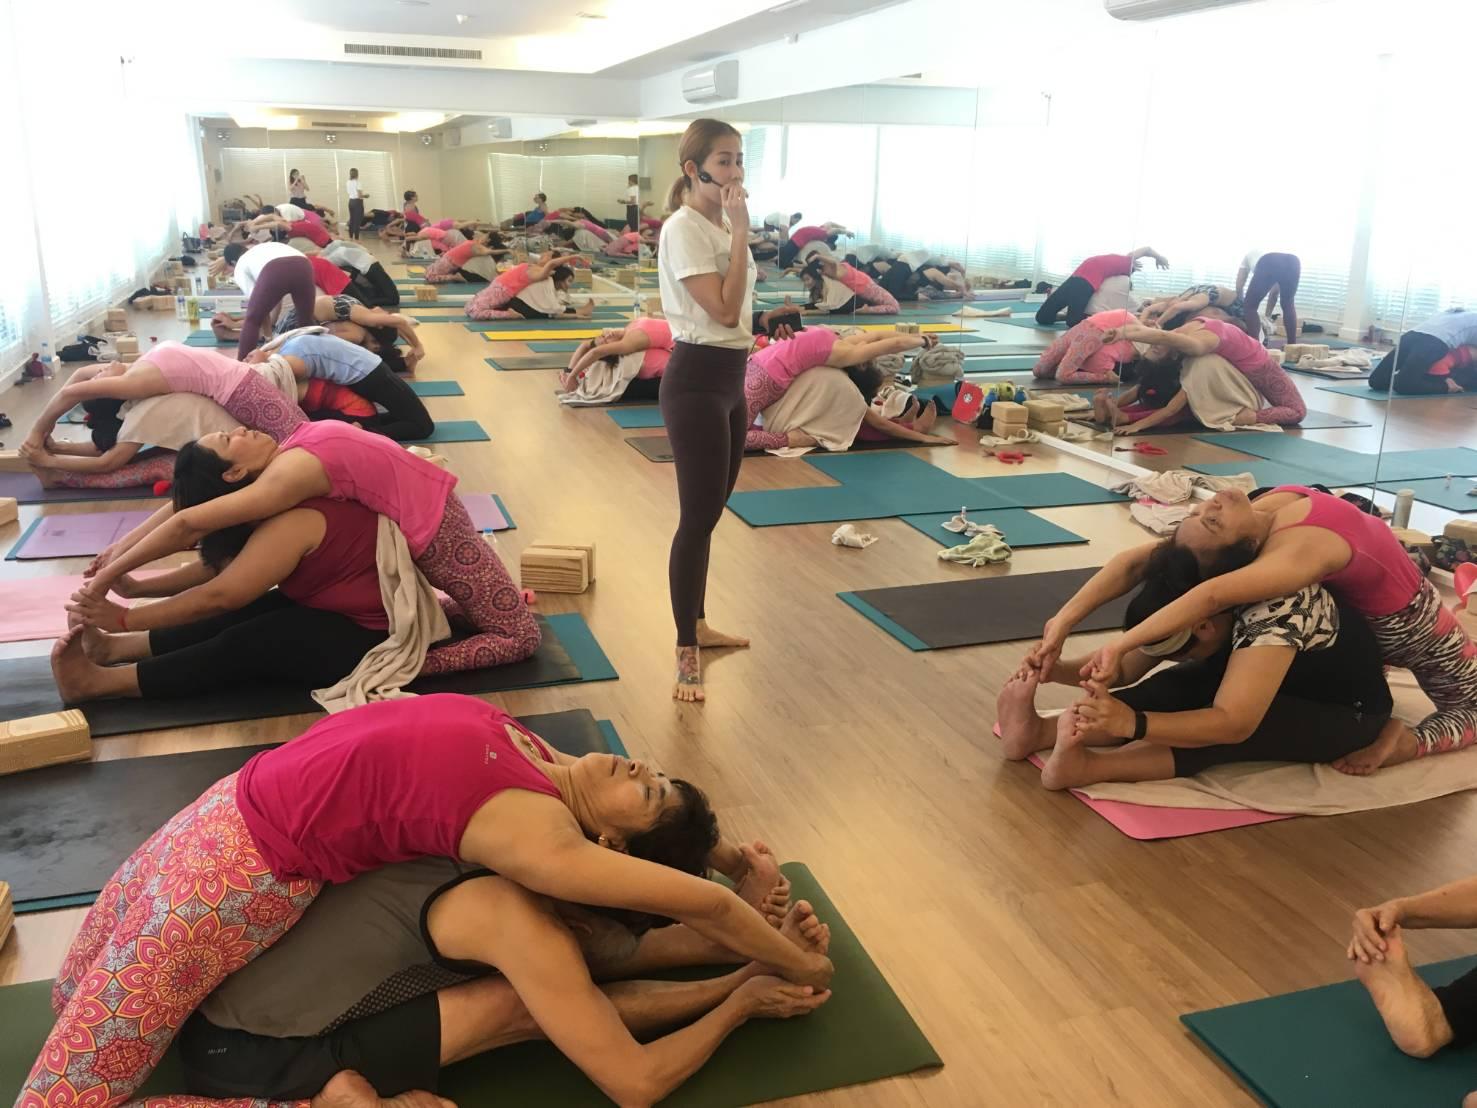 สตูดิโอ โยคะ แอนด์ มี จัดกิจกรรม Yoga Yolove(โยคะ โยเลิฟ) 13 -